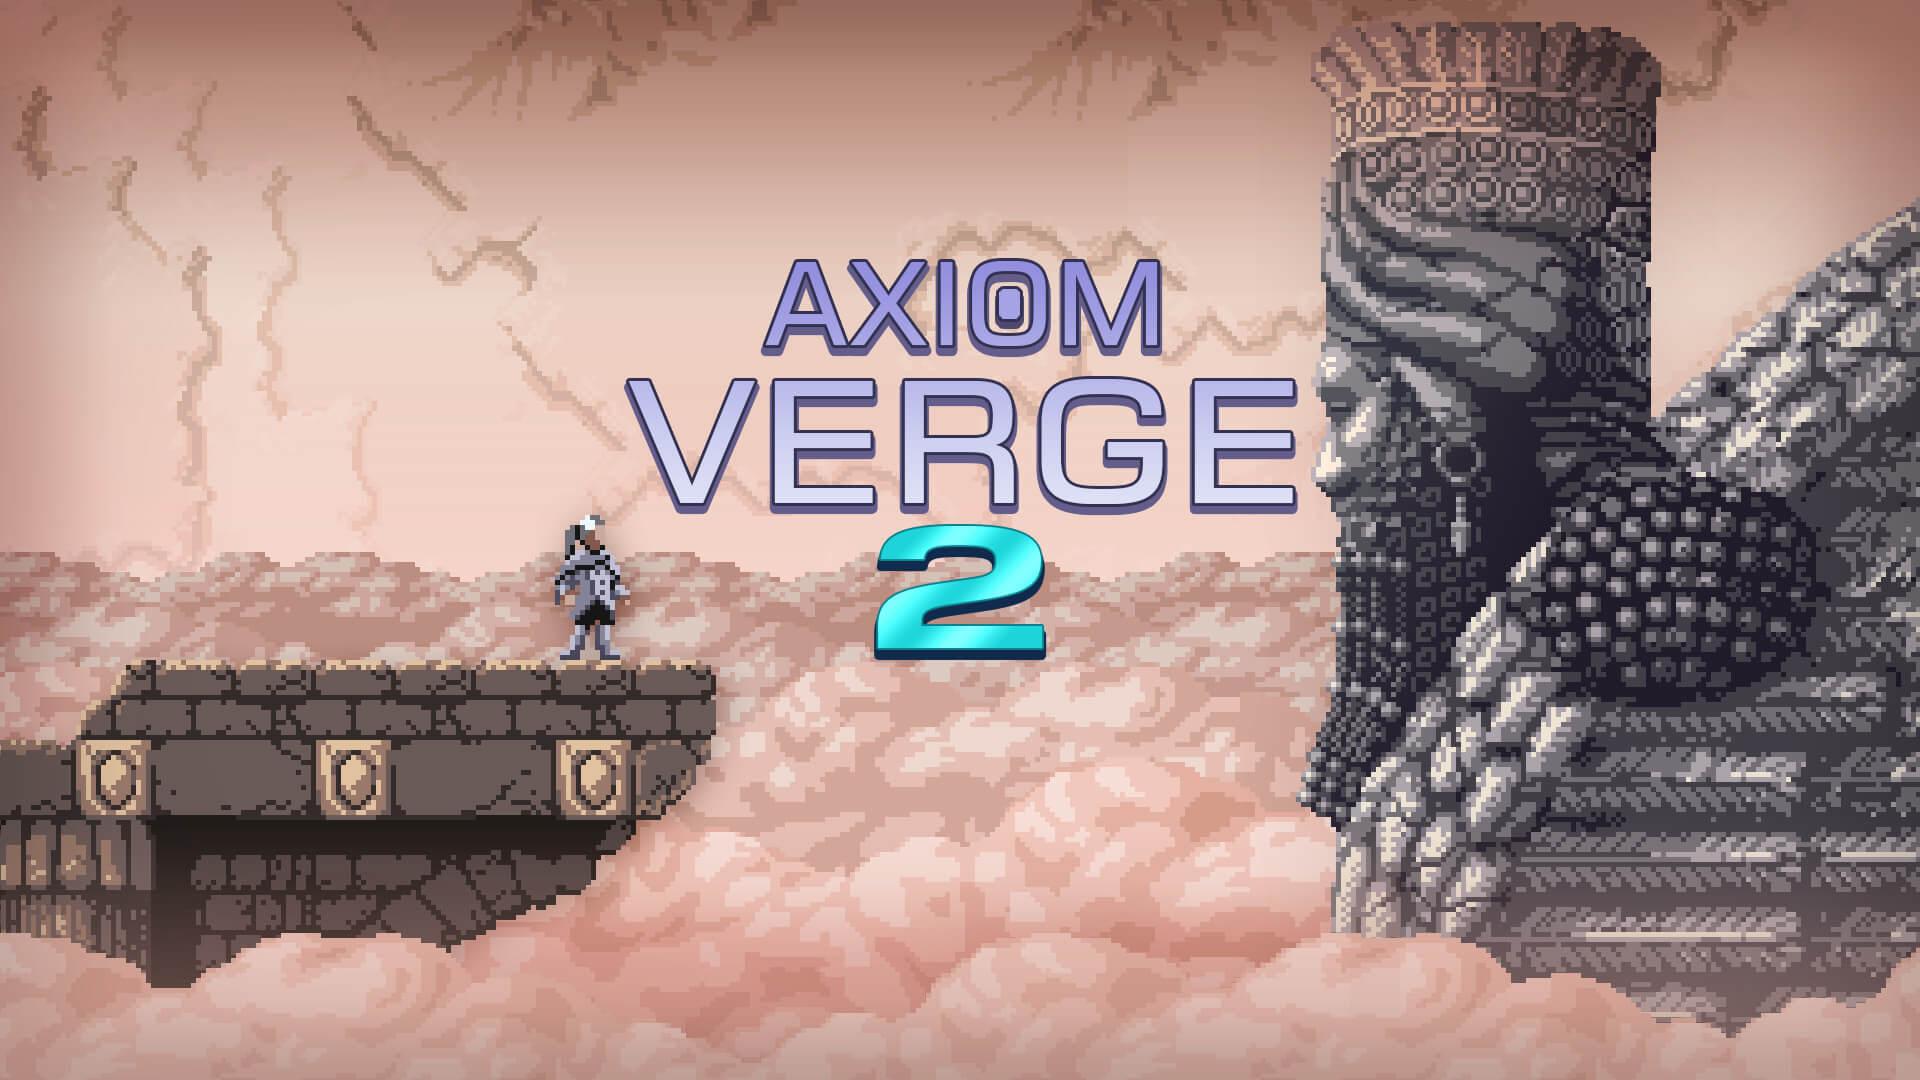 公理边缘2(Axiom Verge 2)插图6